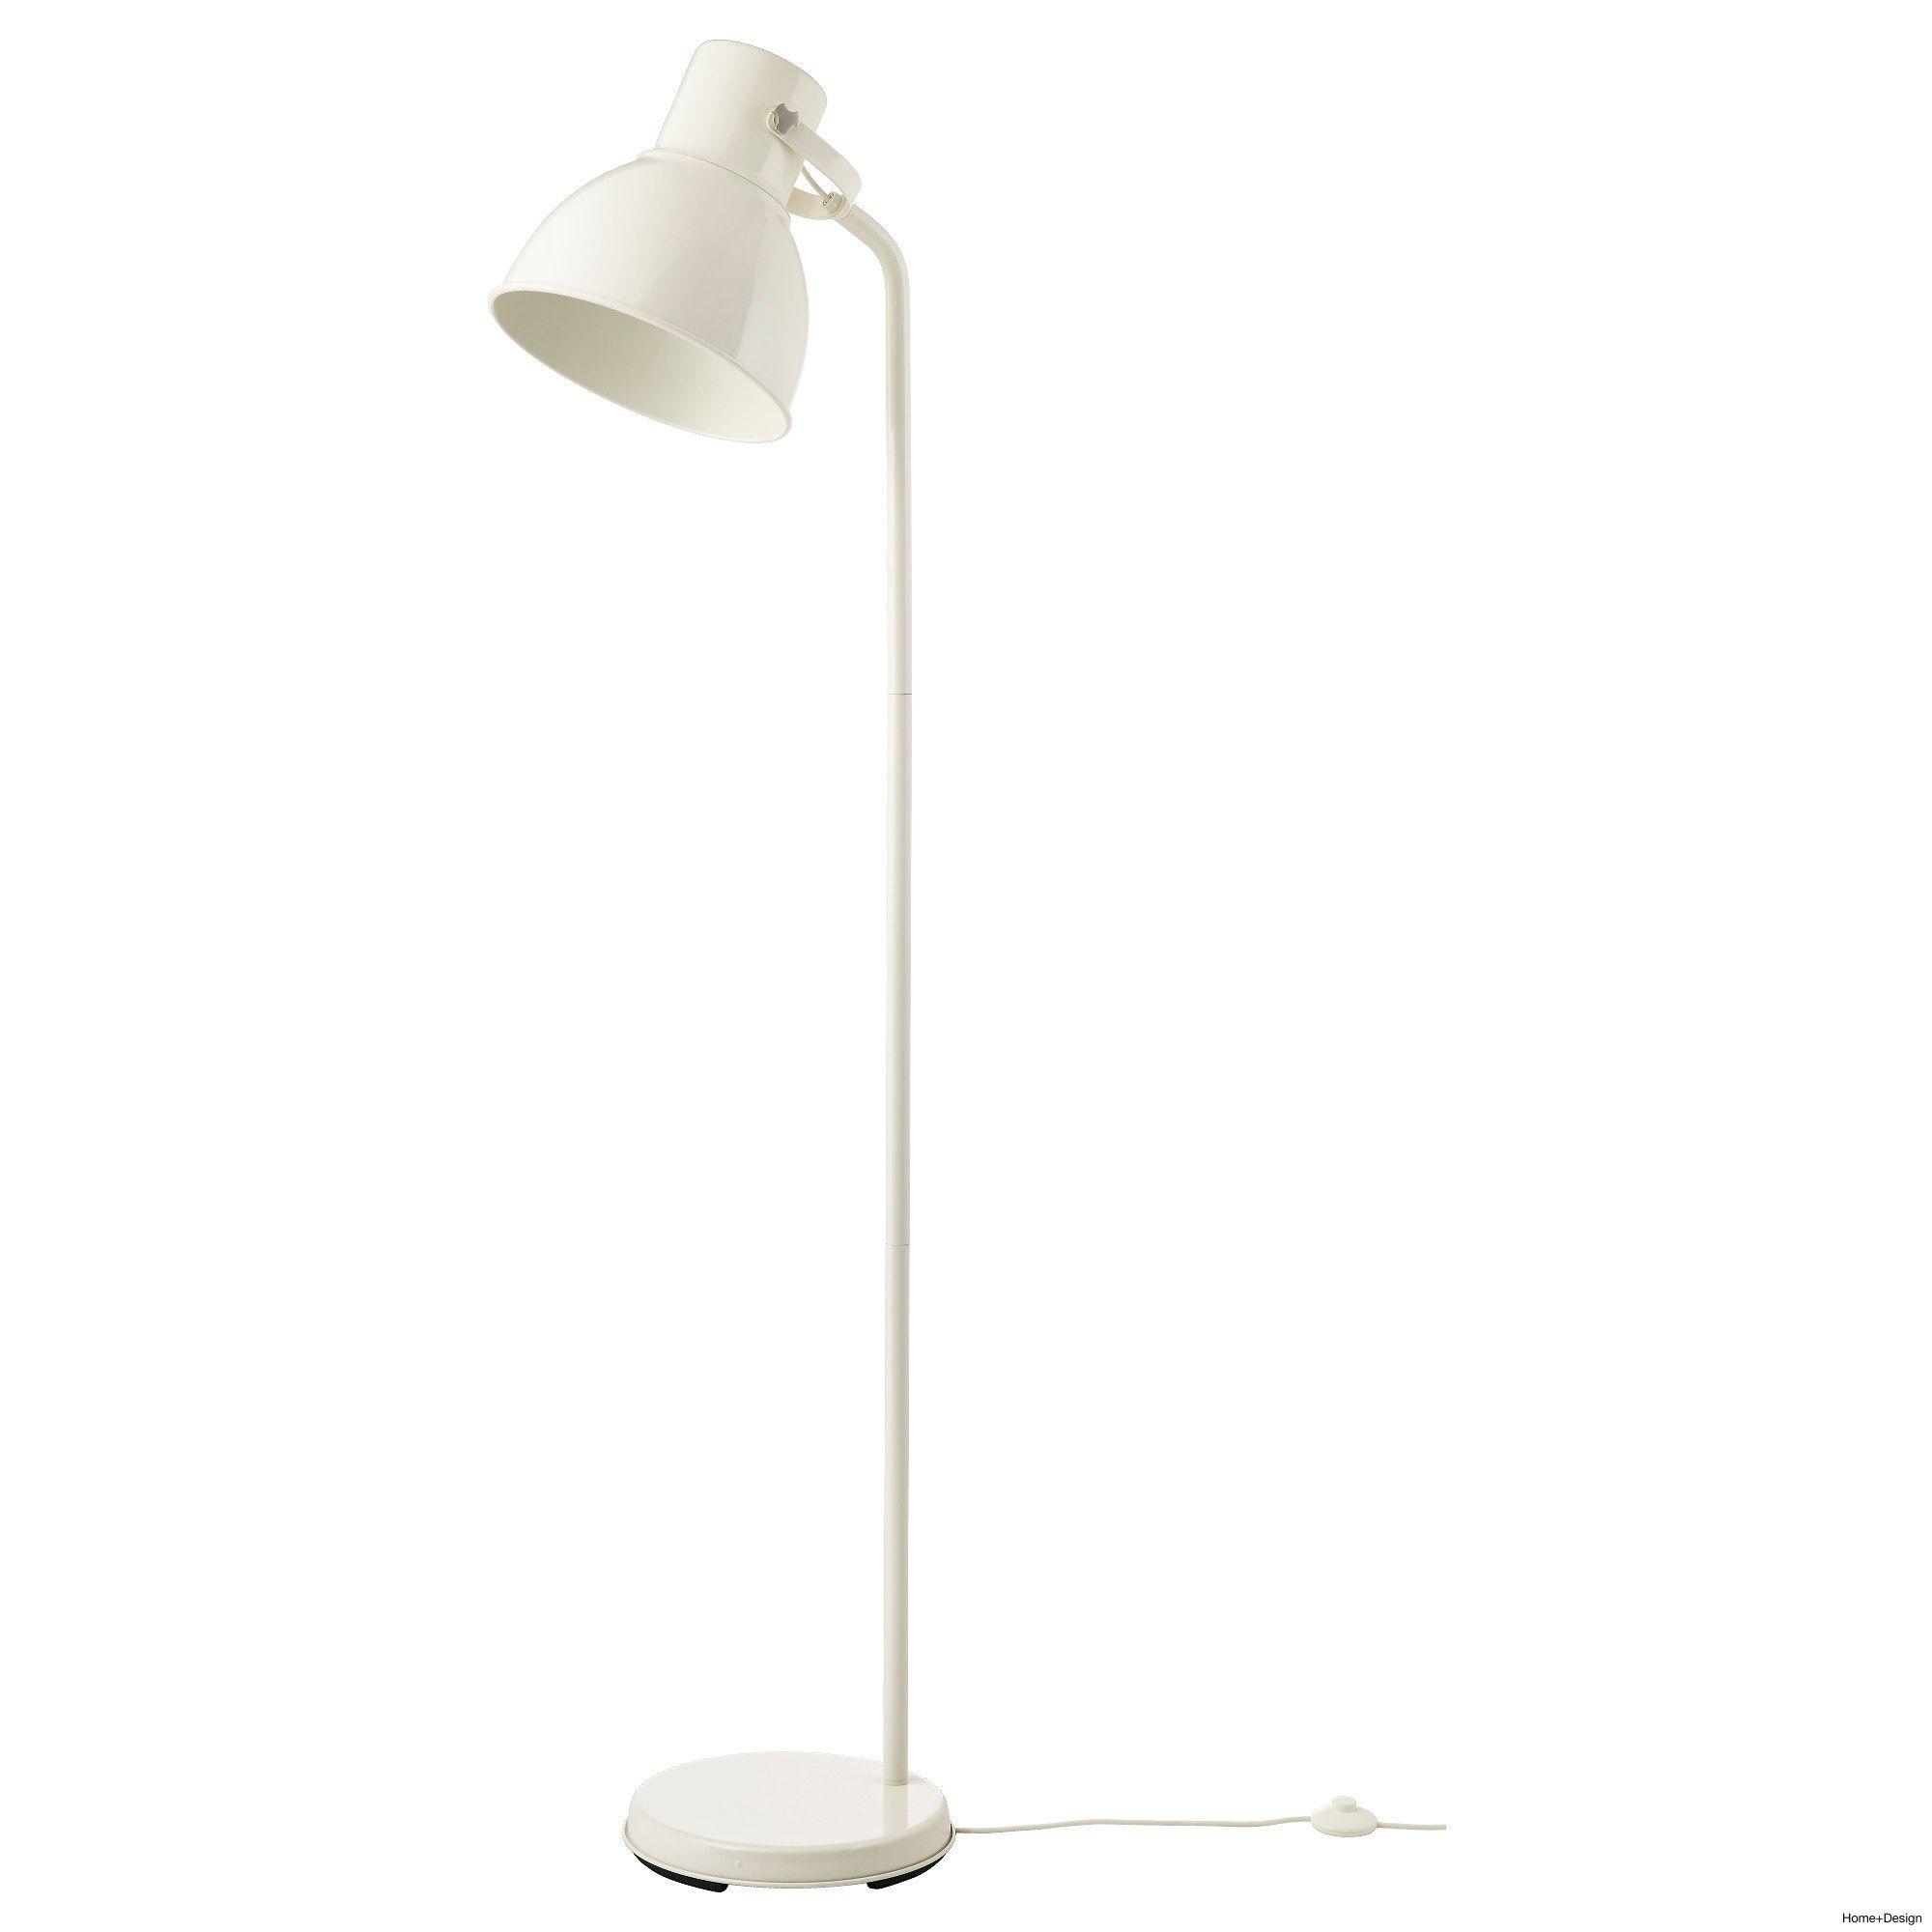 Full Size of Arc Stehlampe Ikea Trends Im Mbel Stil Küche Kosten Betten Bei Modulküche Wohnzimmer Kaufen Stehlampen Miniküche Sofa Mit Schlaffunktion 160x200 Wohnzimmer Stehlampe Ikea